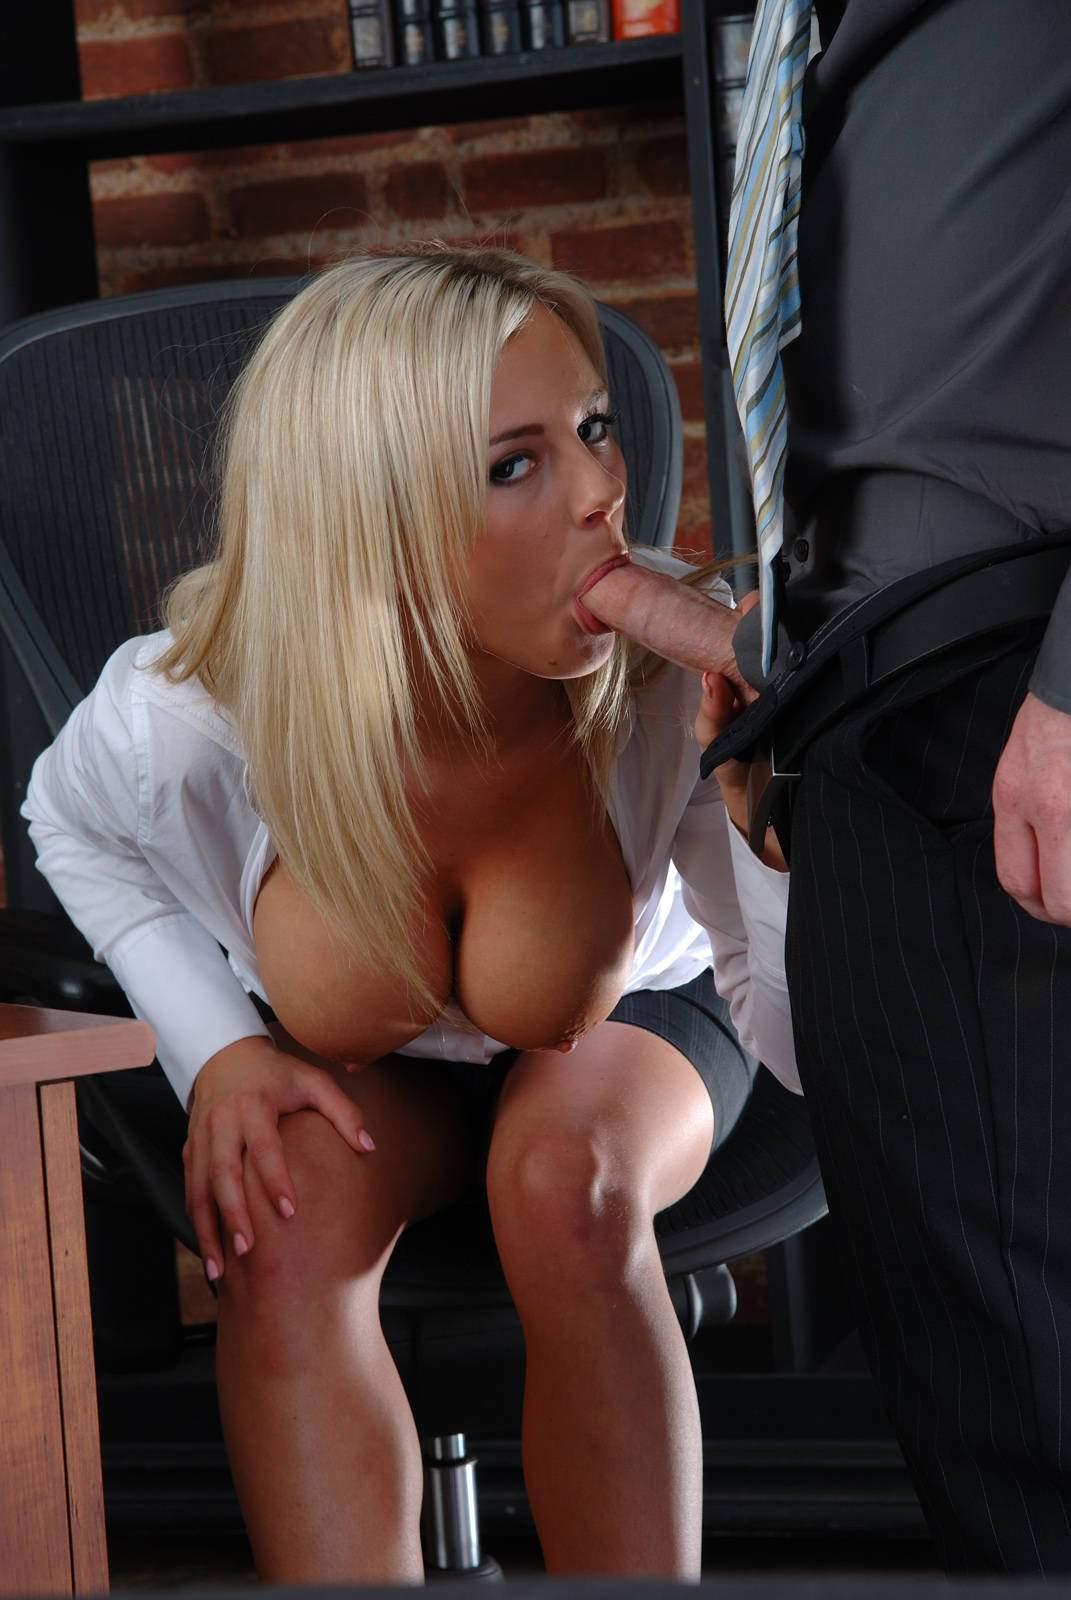 Шлюхи бесплатно смотреть проститутки в москве он лайн проститутки в